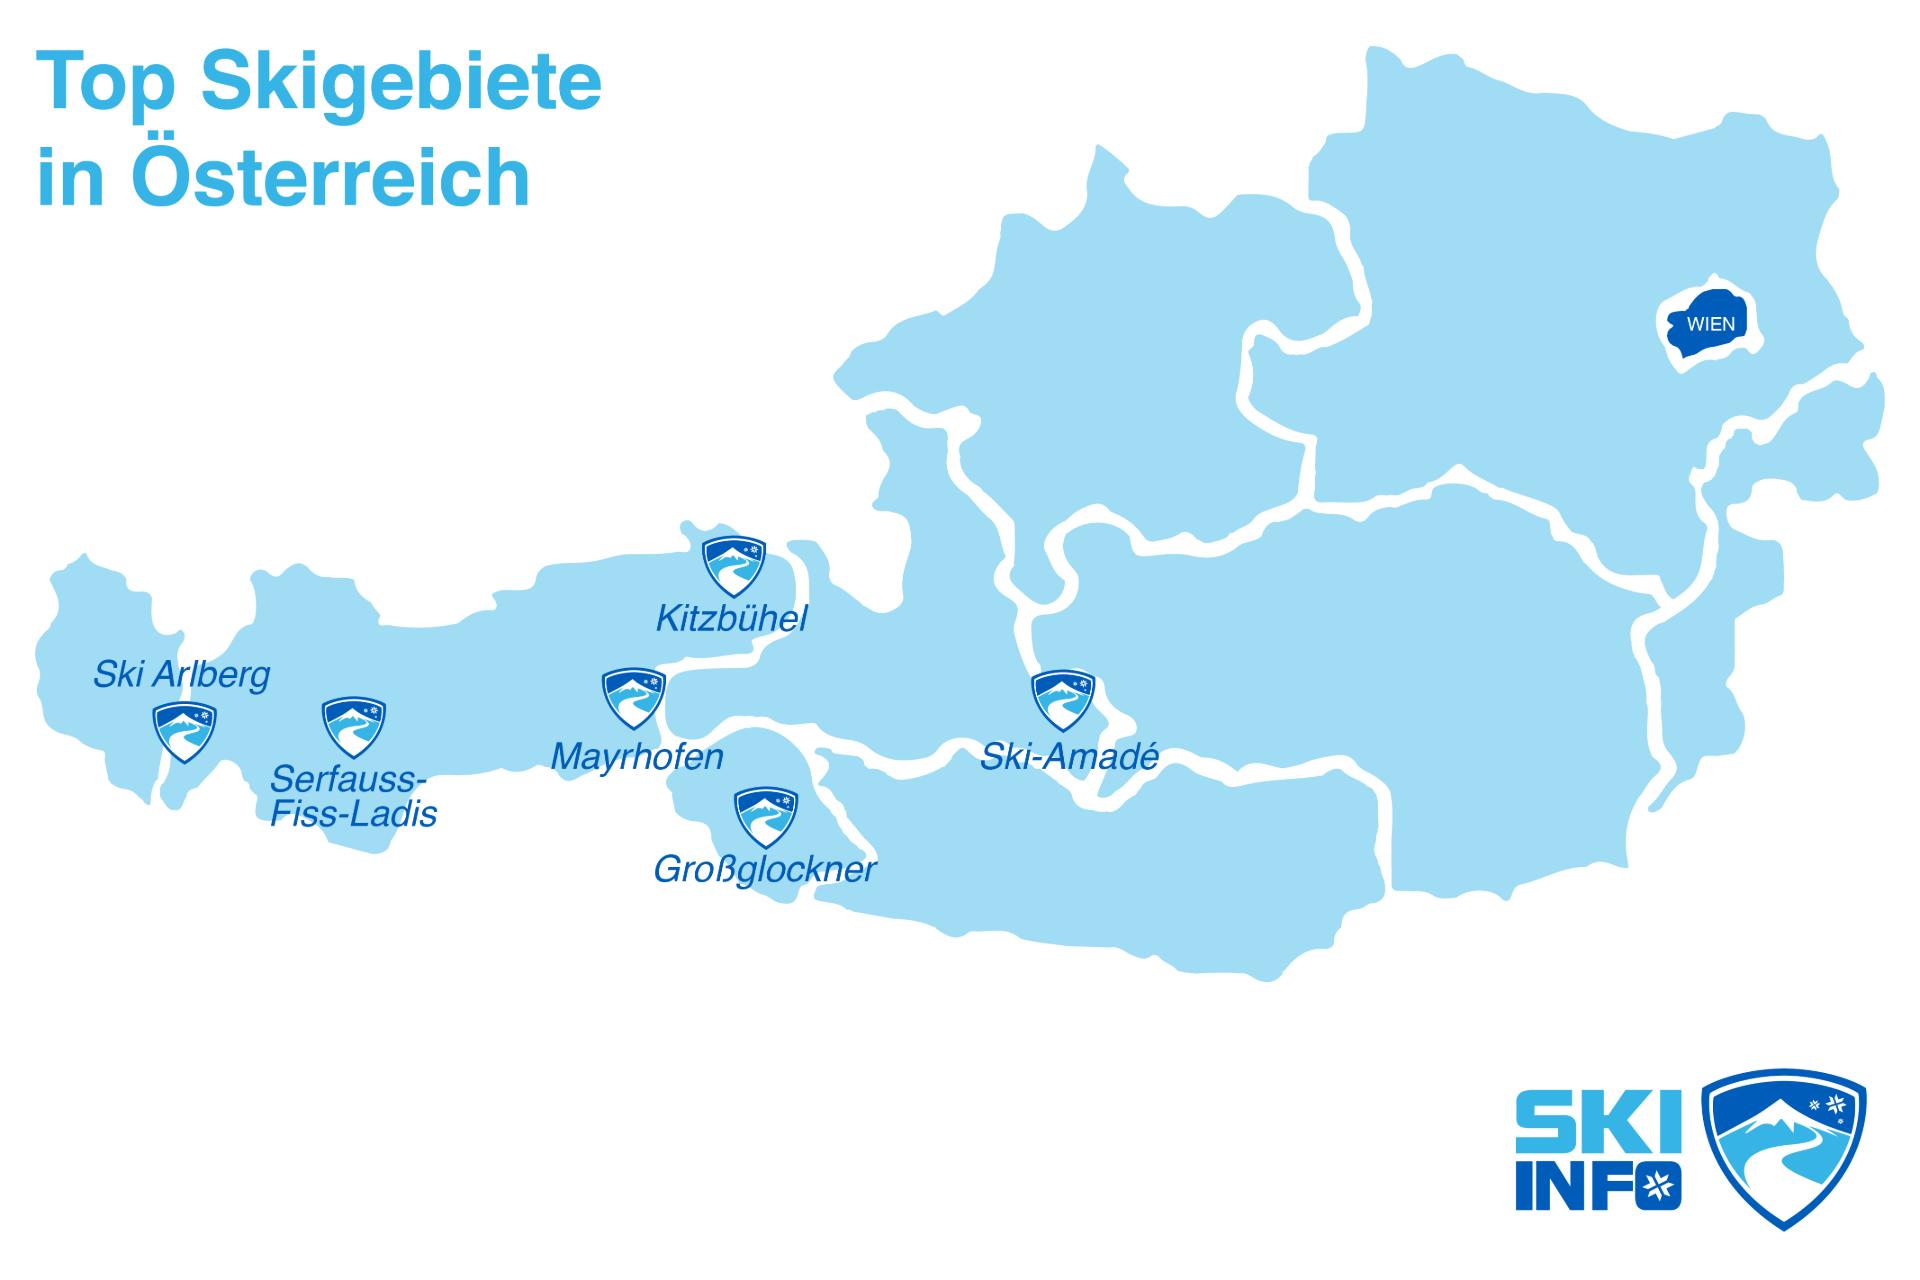 Top Skigebiete in Osterreich